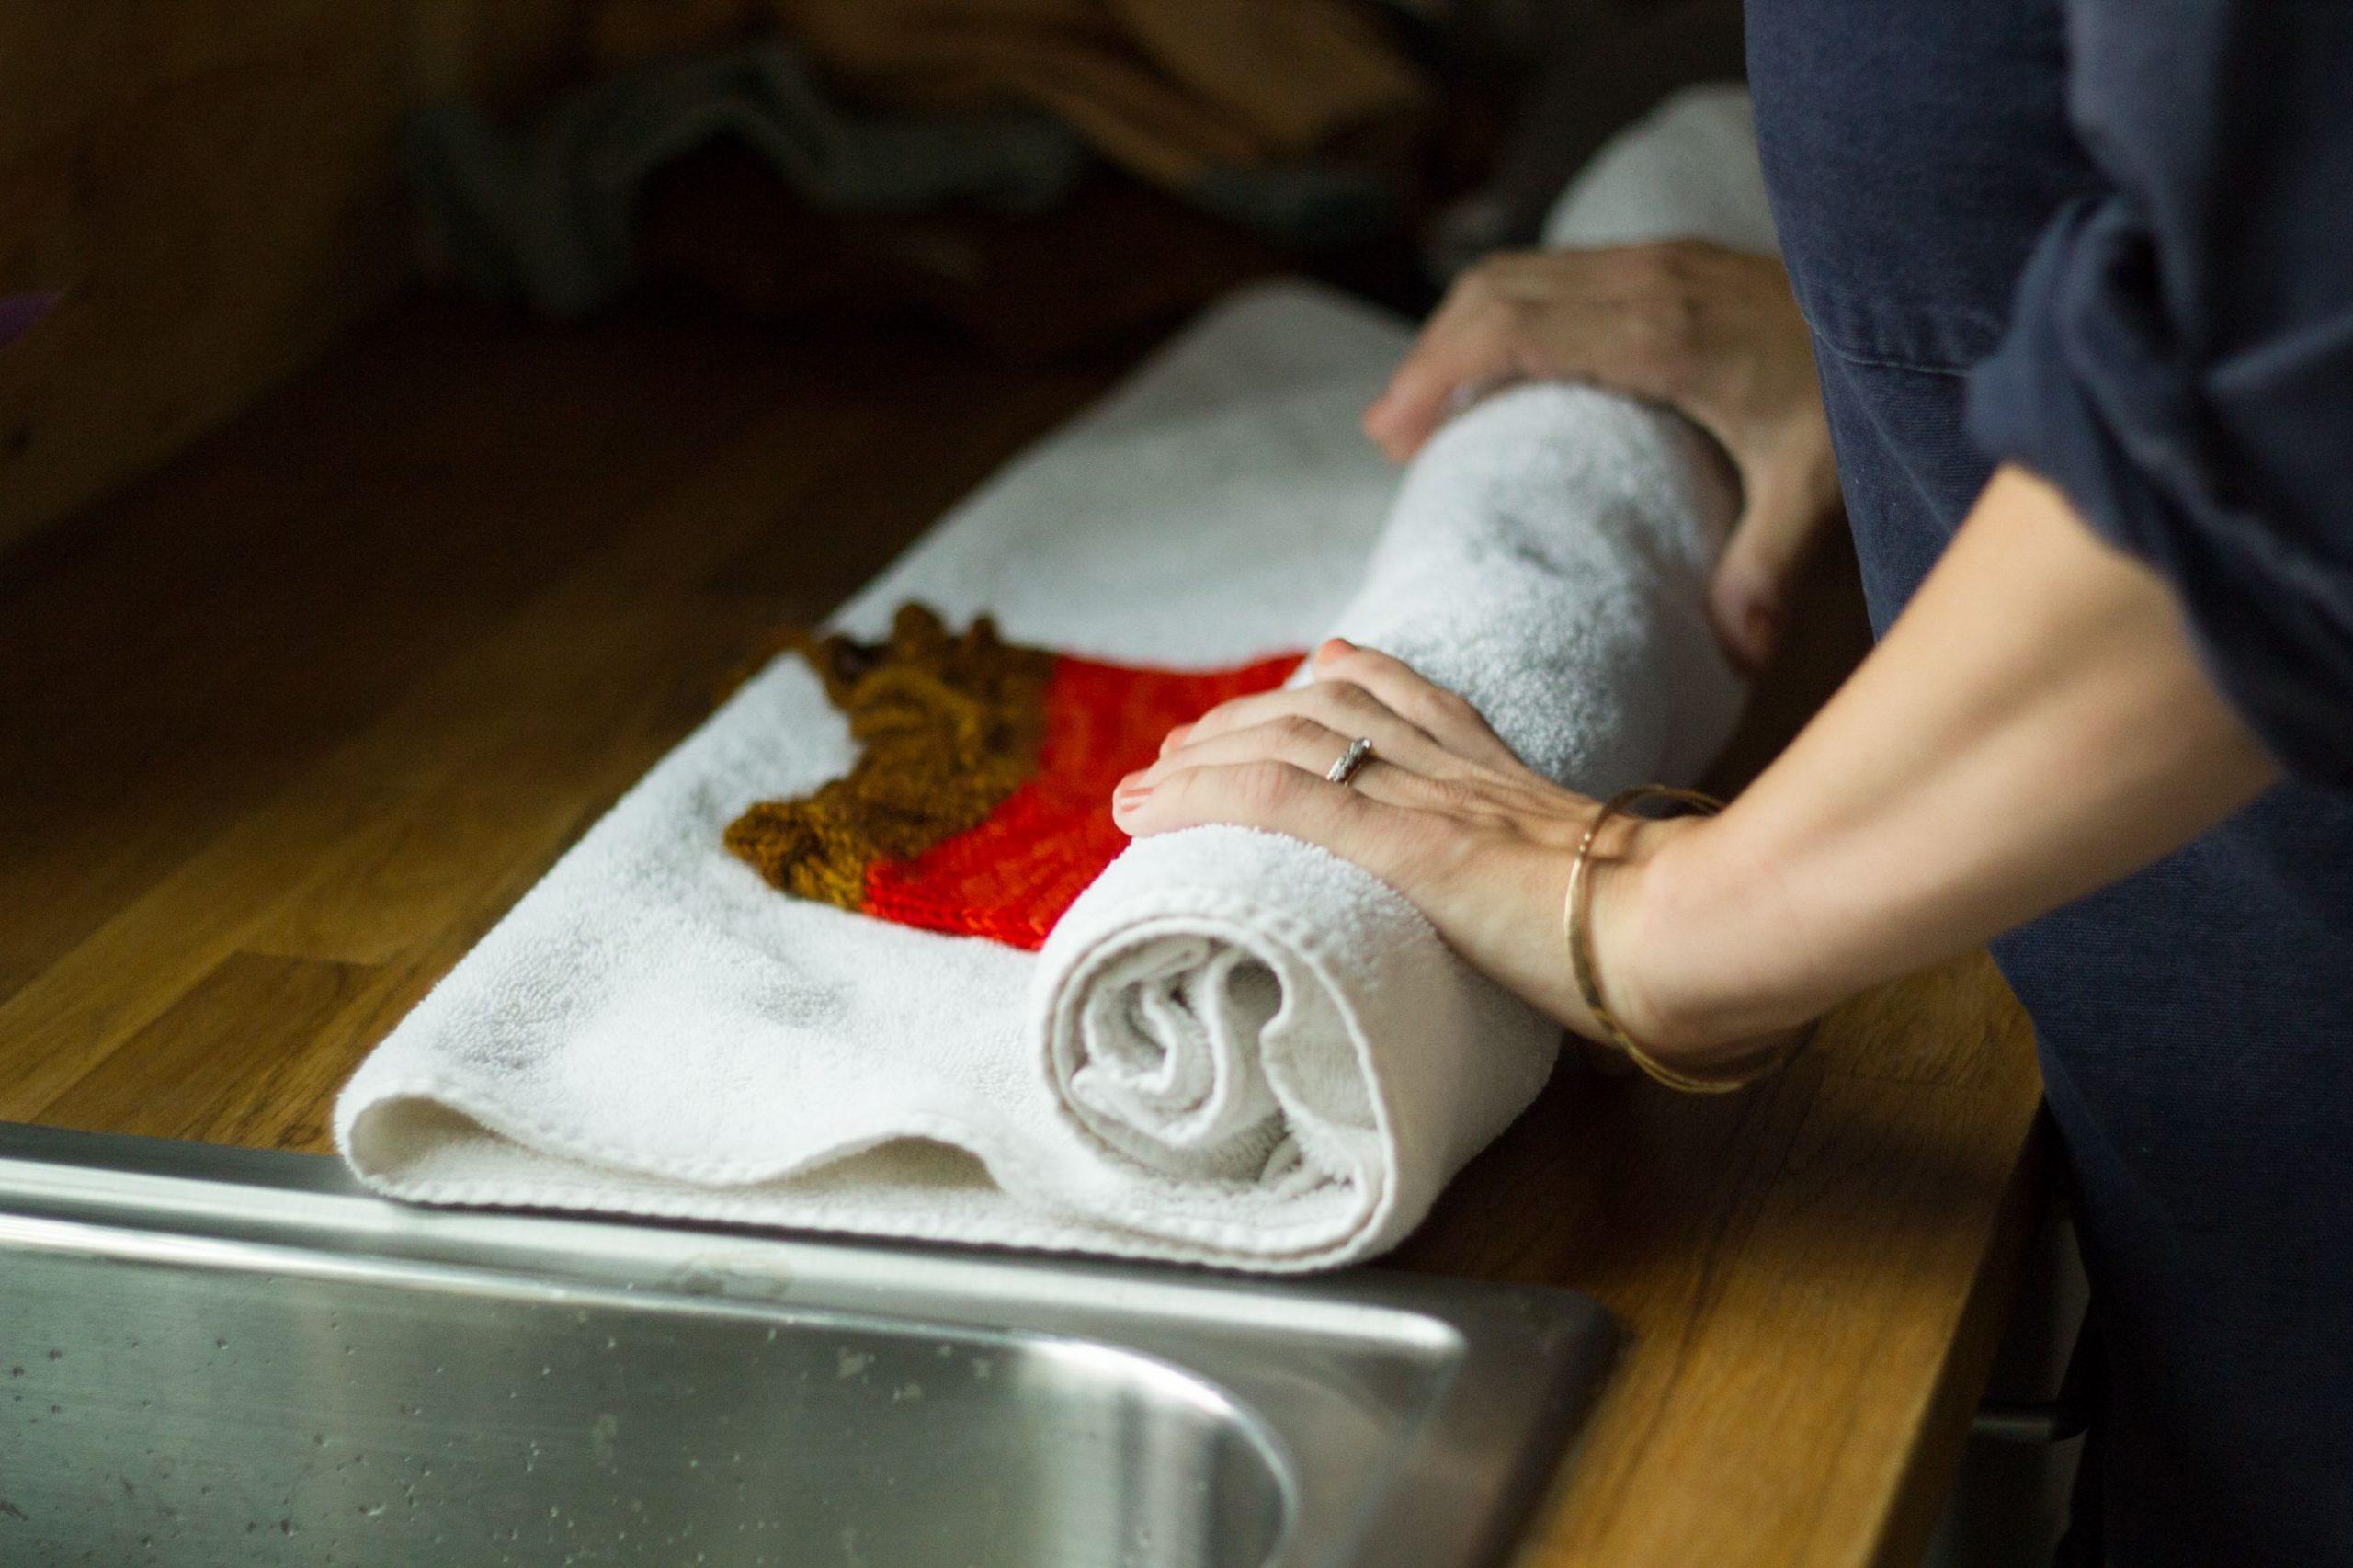 сушка вещей в полотенце